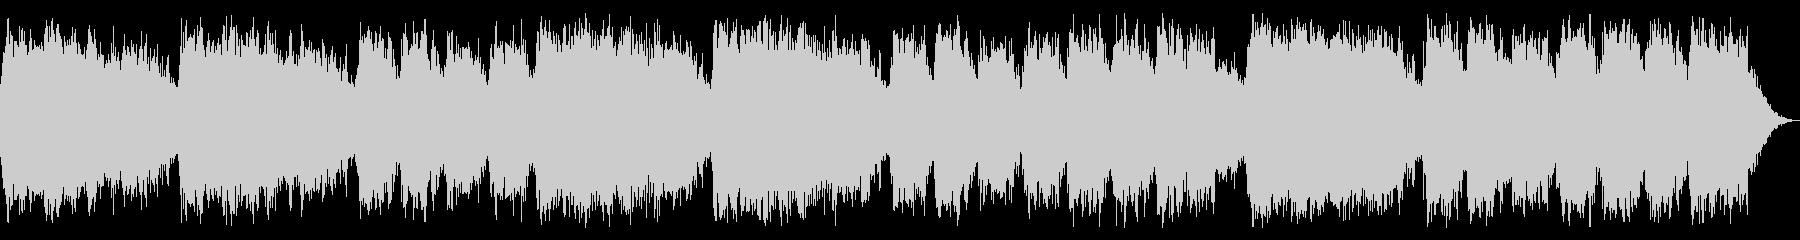 ミステリアスでダークな淡々としたBGMの未再生の波形